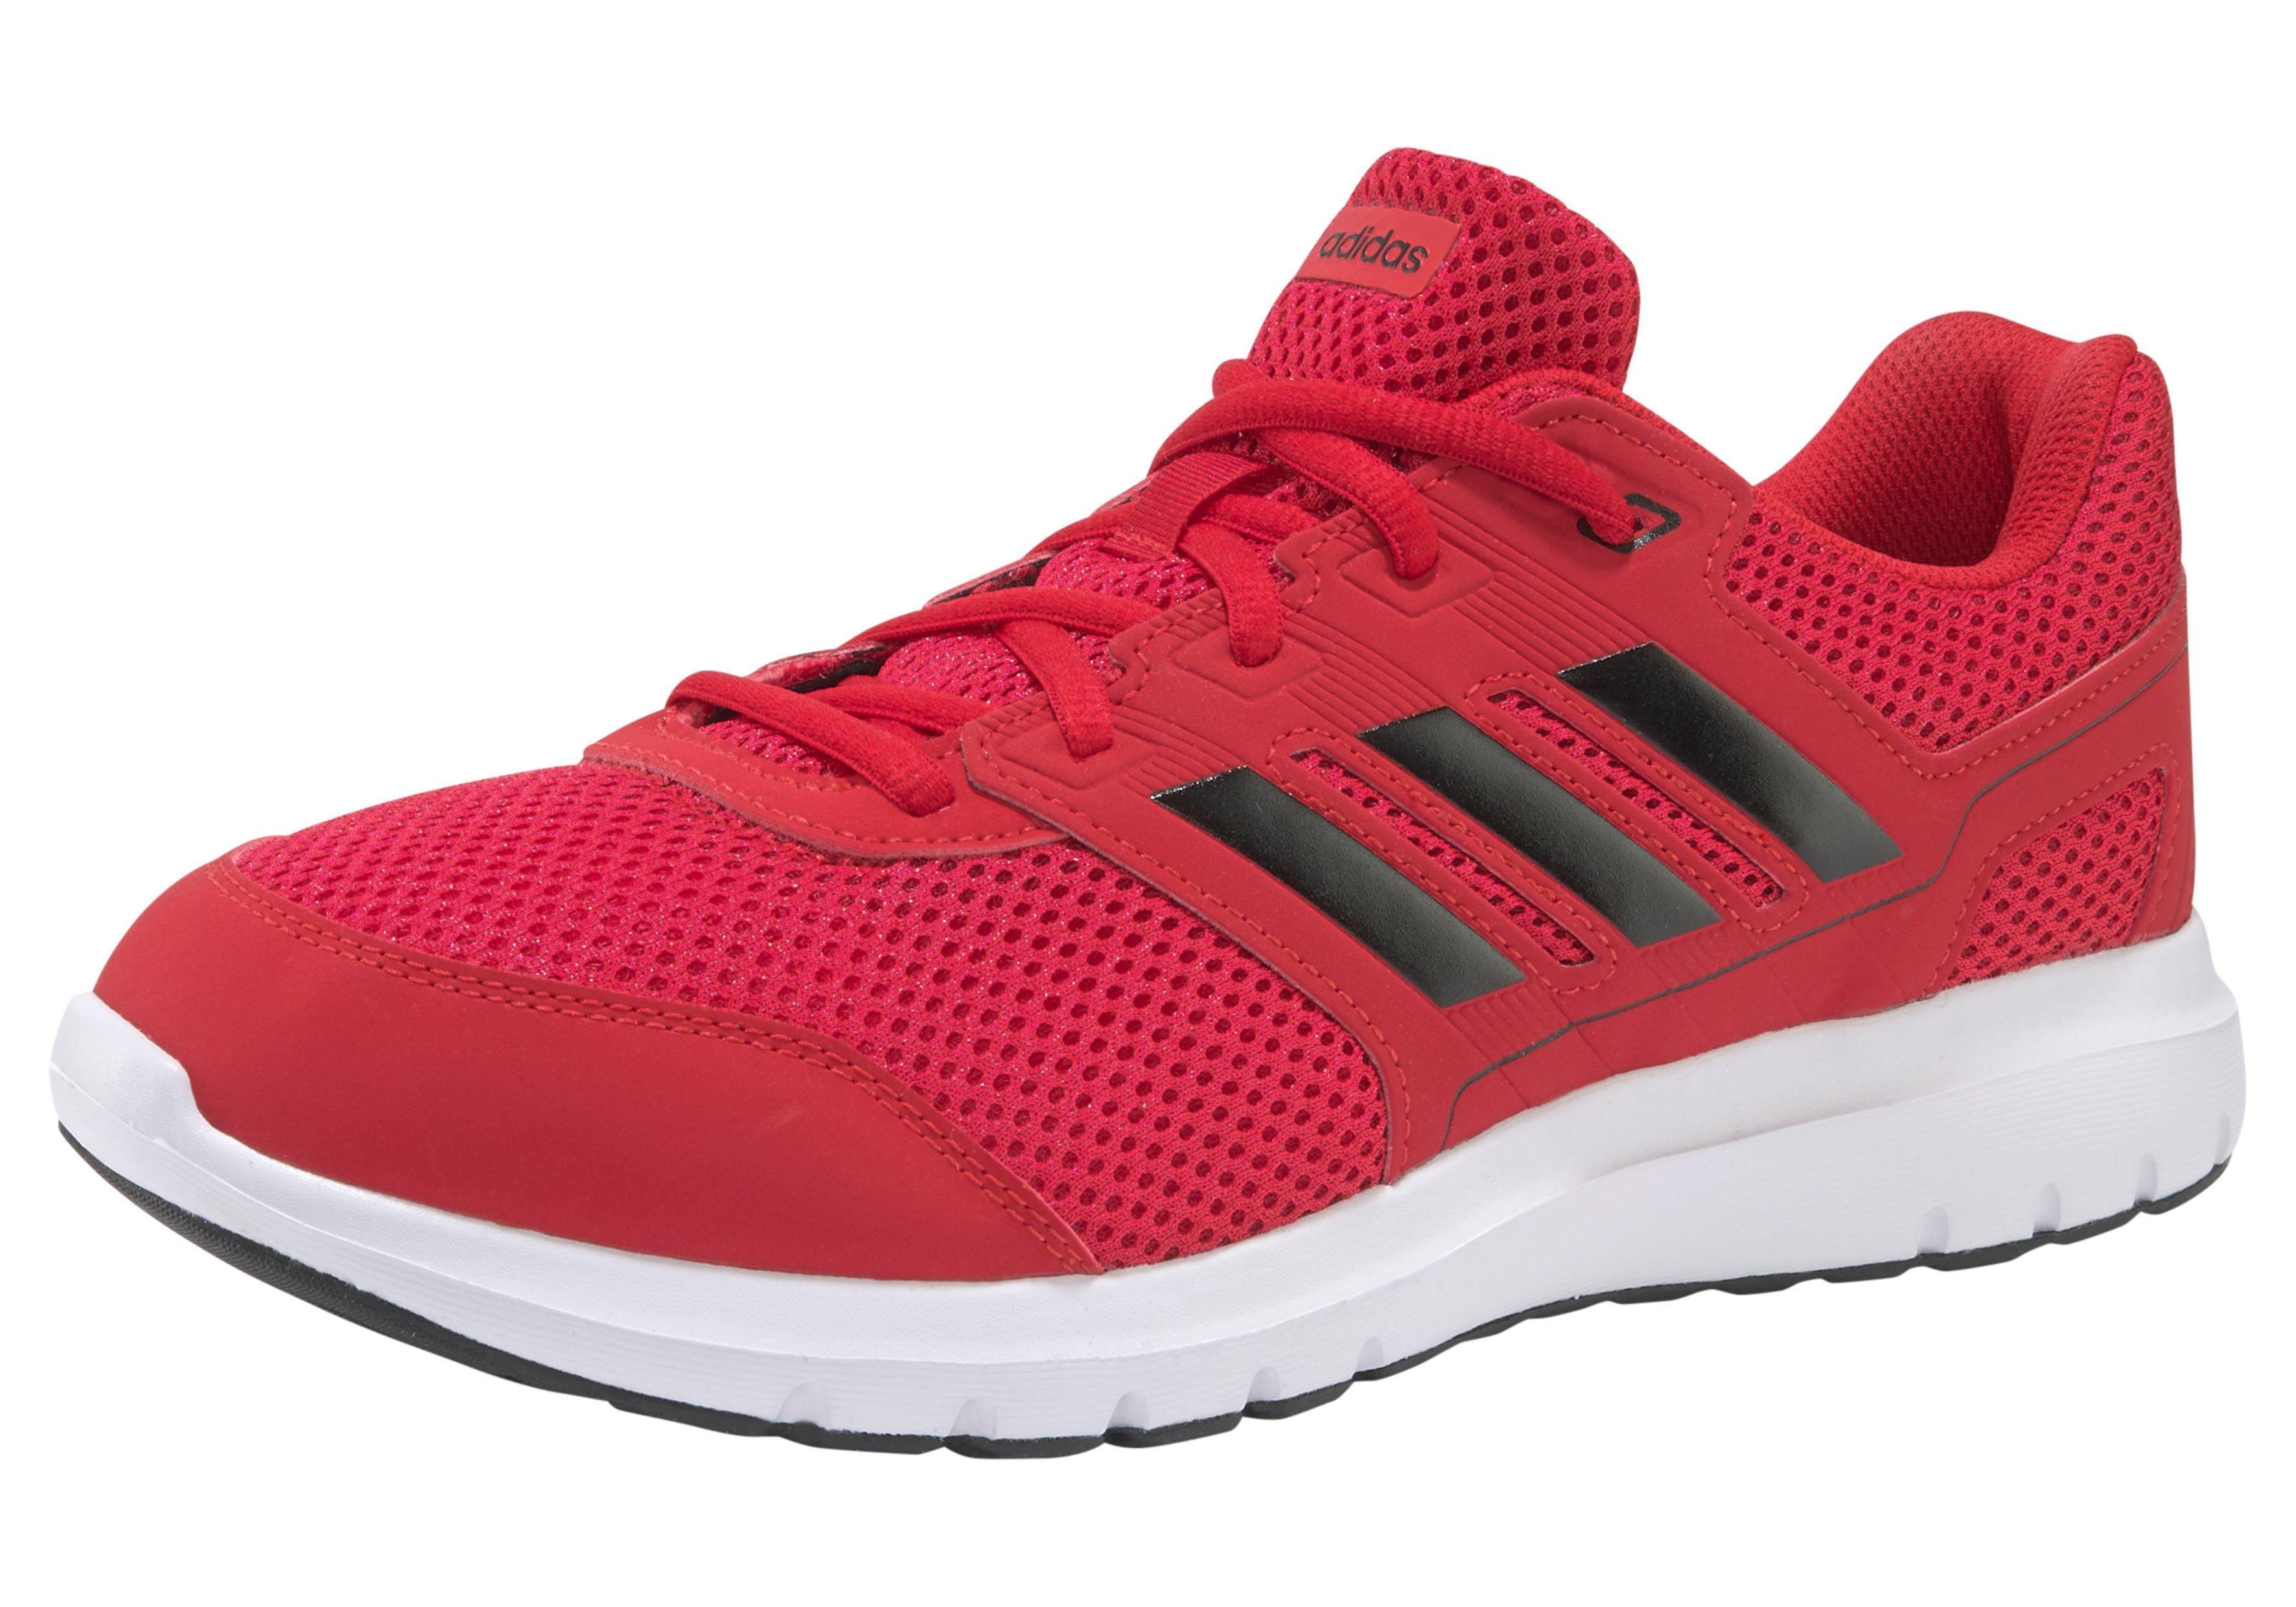 Adidas Duramo Lite 2.0 M Laufschuh online kaufen   OTTO Preissenkung